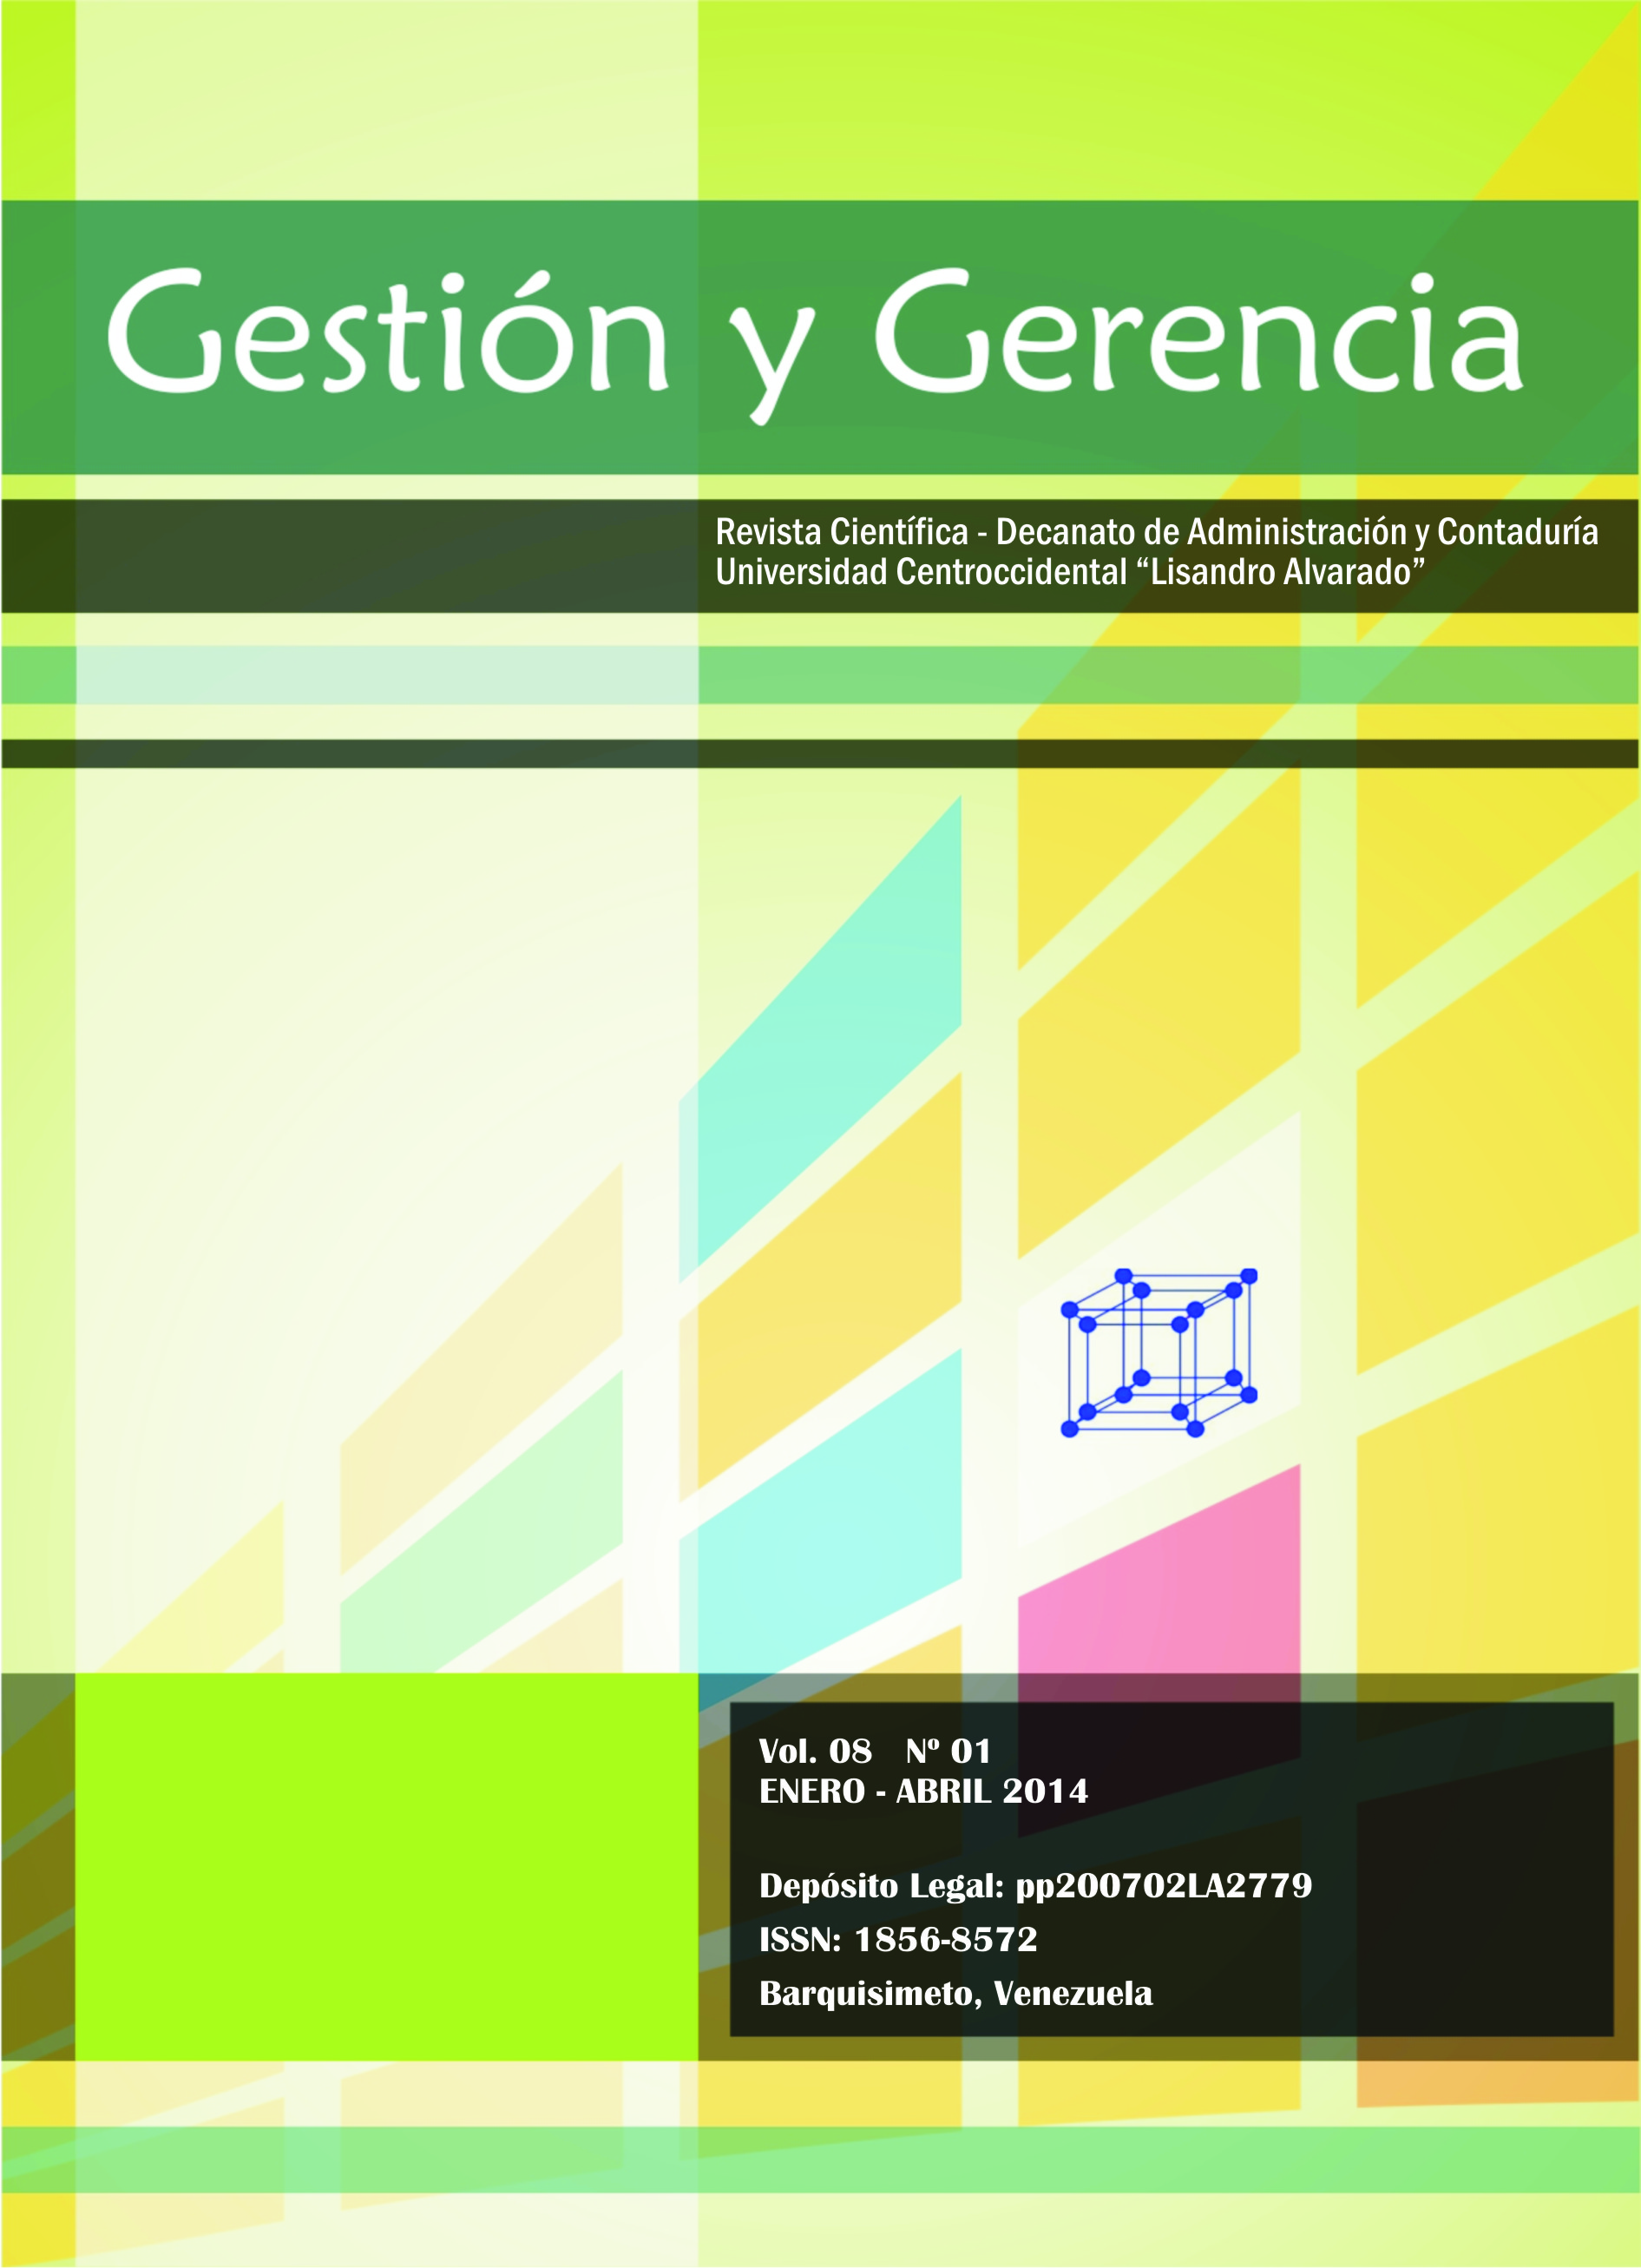 Descripción: Descripción: http://www.ucla.edu.ve/DAC/investigacion/gyg/GyG%202009/Agosto%202009/Portada-Ago-2009.jpg